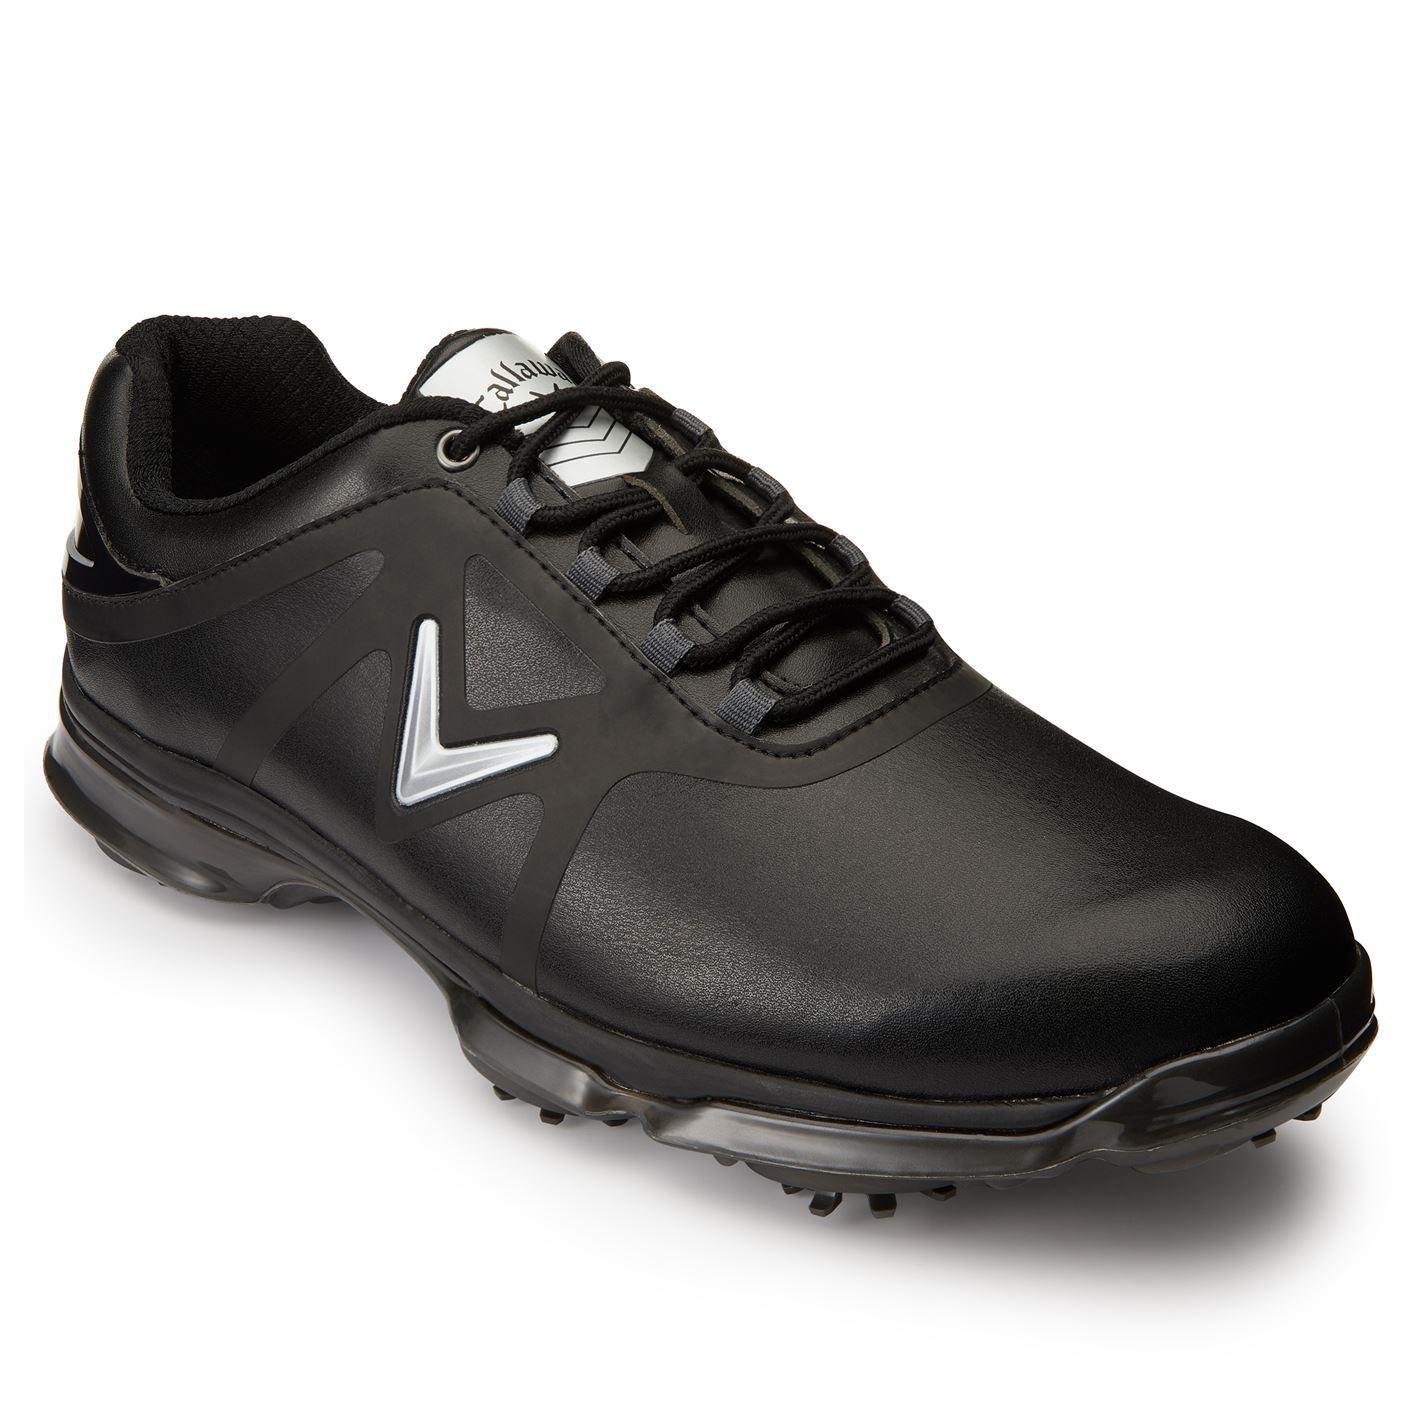 Callaway-XTT-Comfort-Spiked-Golf-Shoes-Mens-Spikes-Footwear thumbnail 9